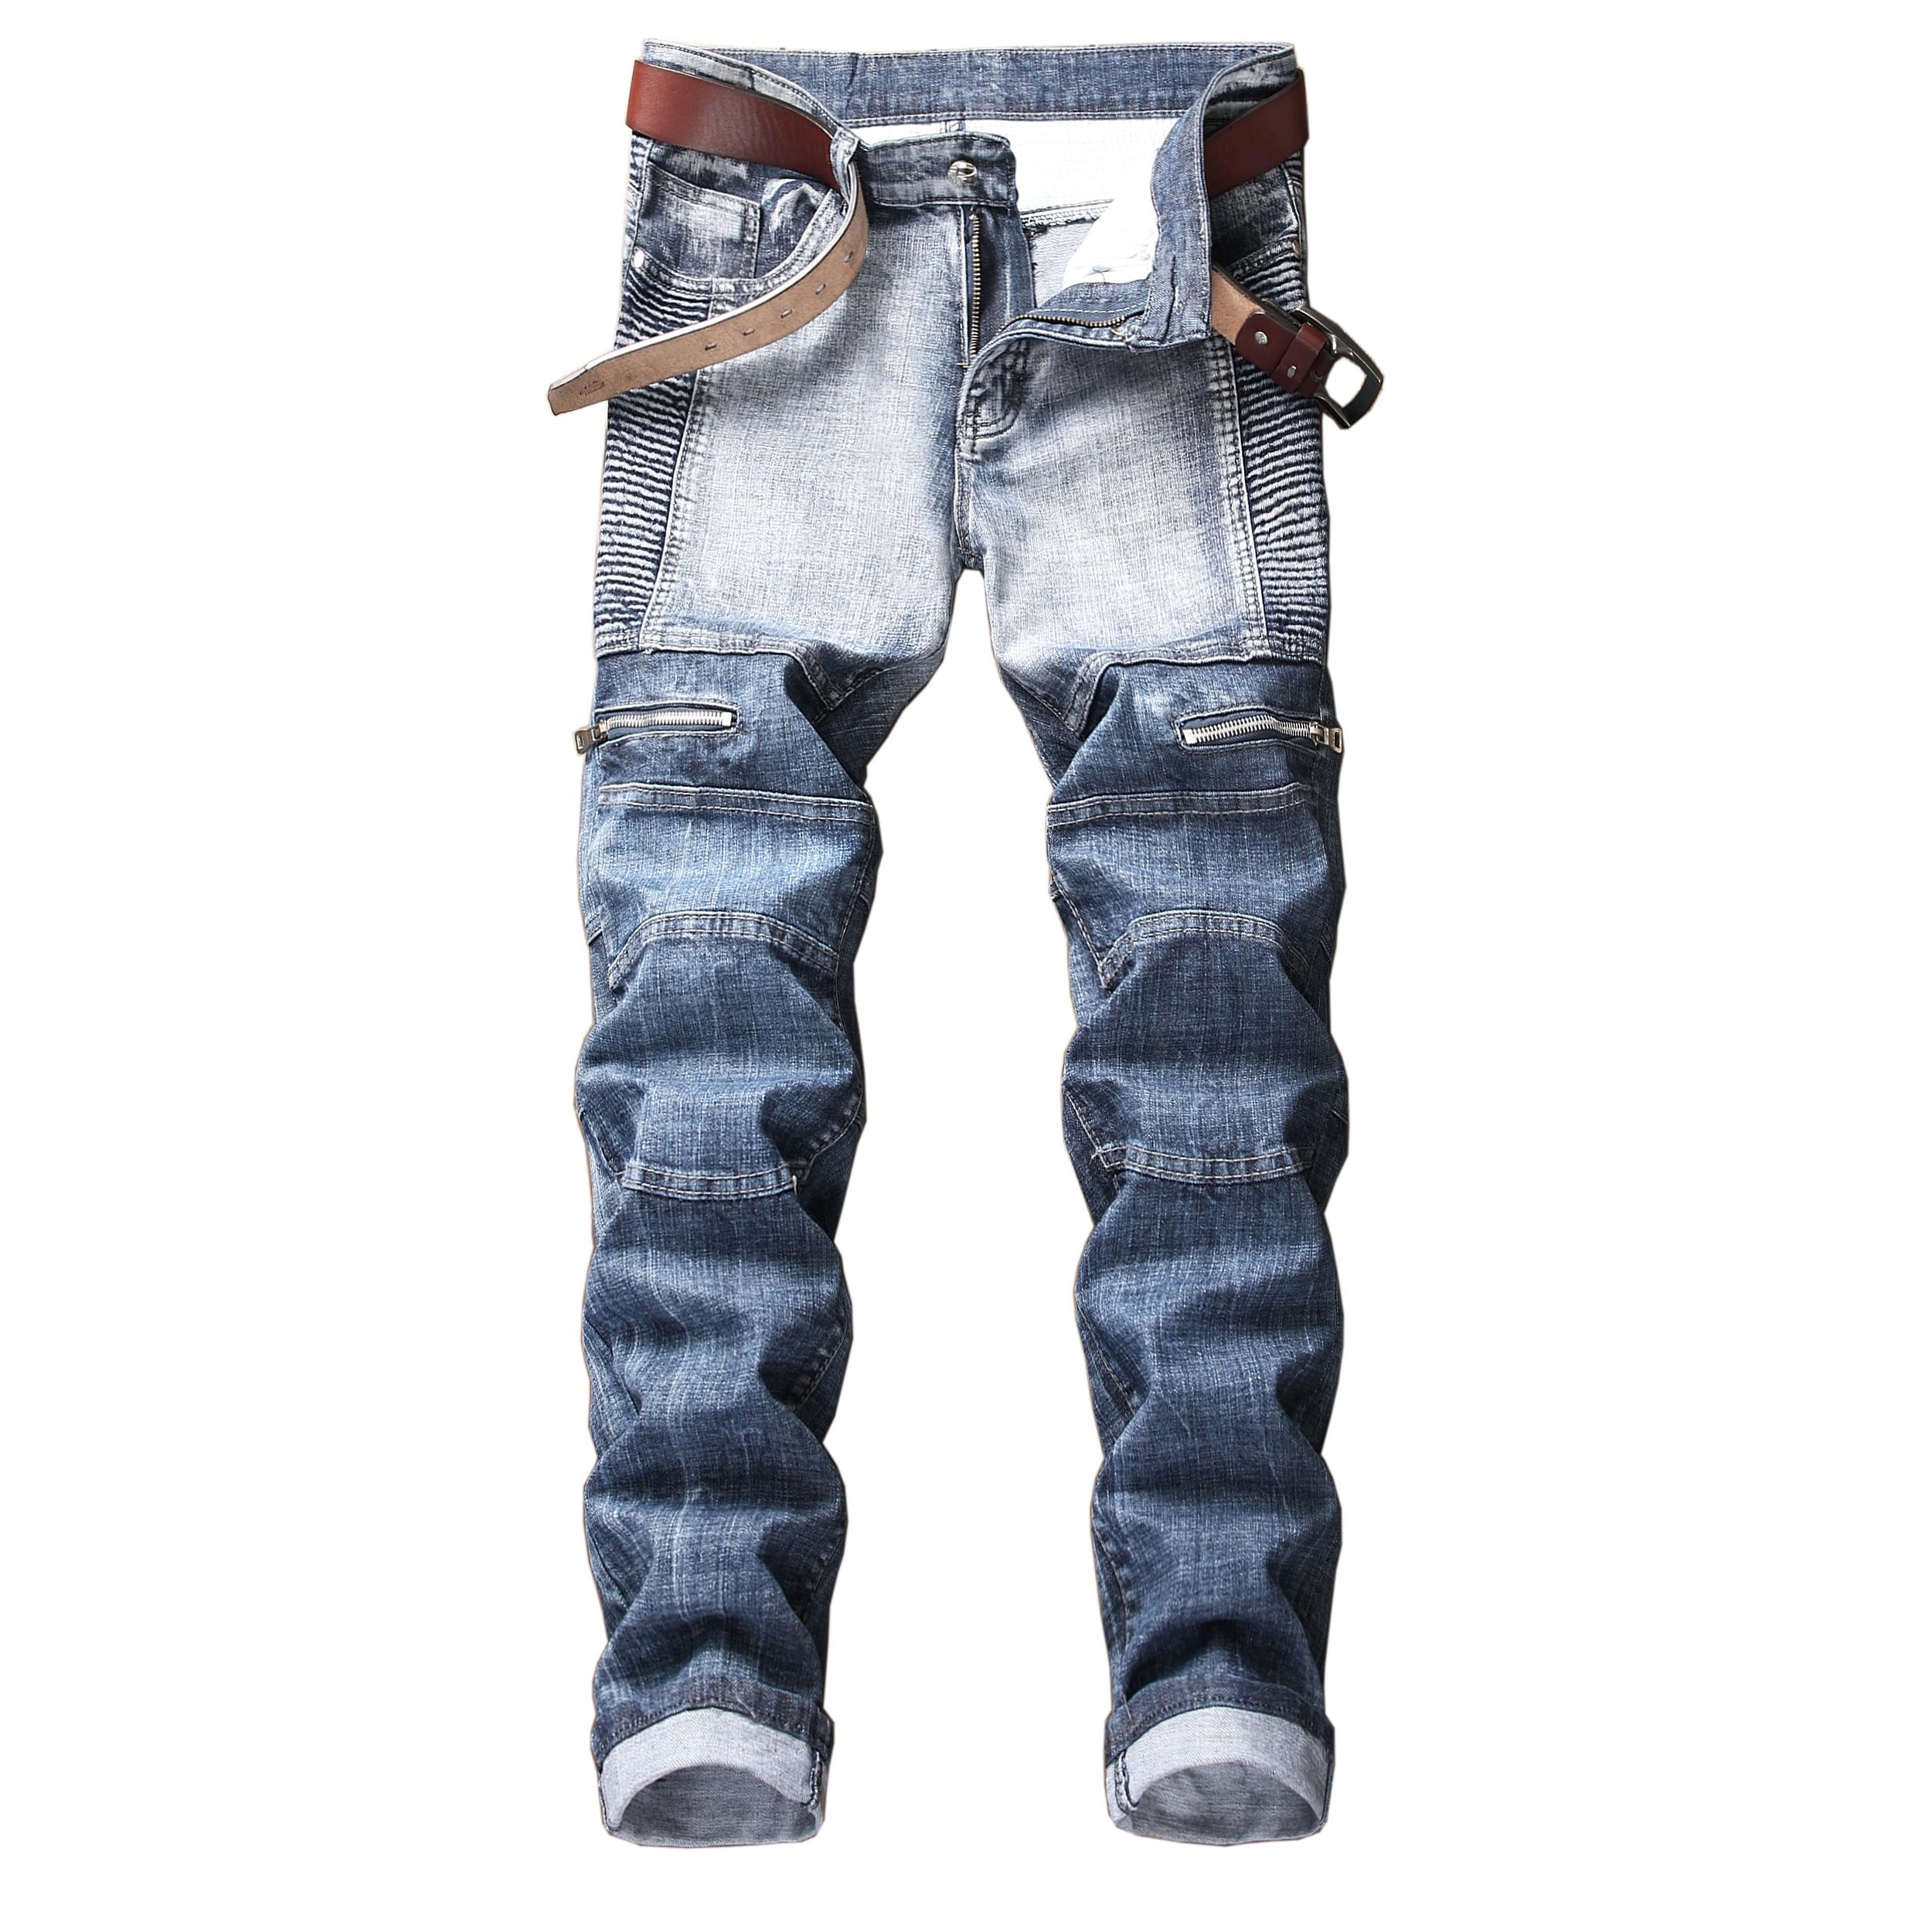 джинсы штаны мужские брюки мужские джинсы для мужчин штаны Джинсы мужские зауженные стрейчевые, модные брюки из денима с популярным логоти...